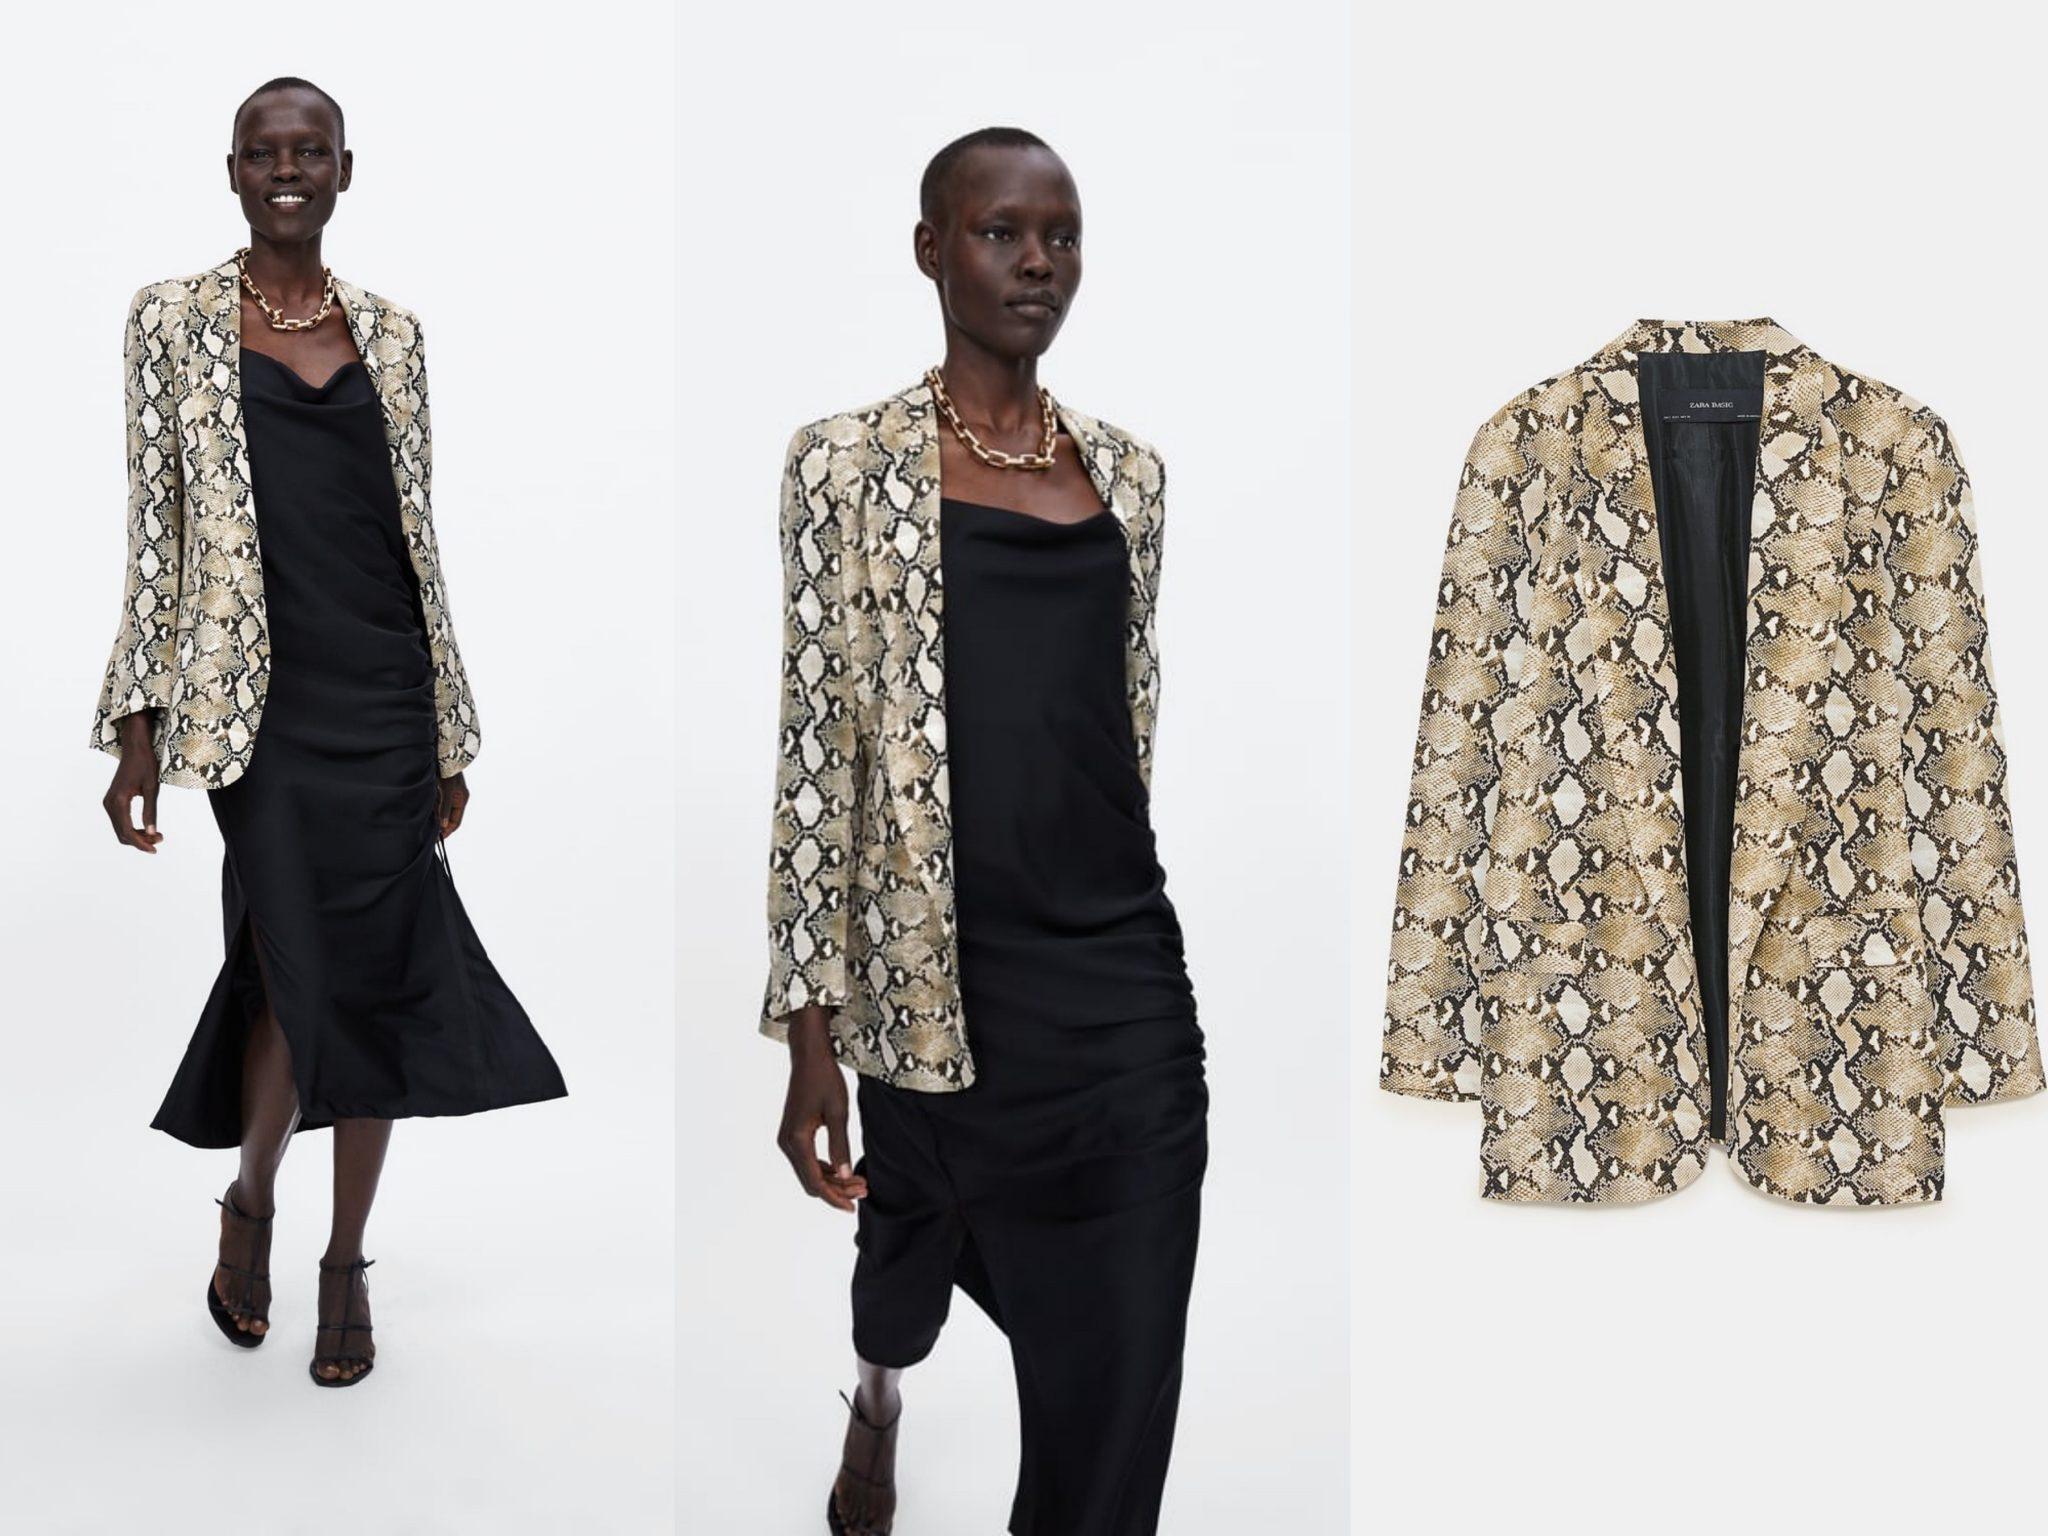 El vestido que se ha convertido en viral, es de Zara 4